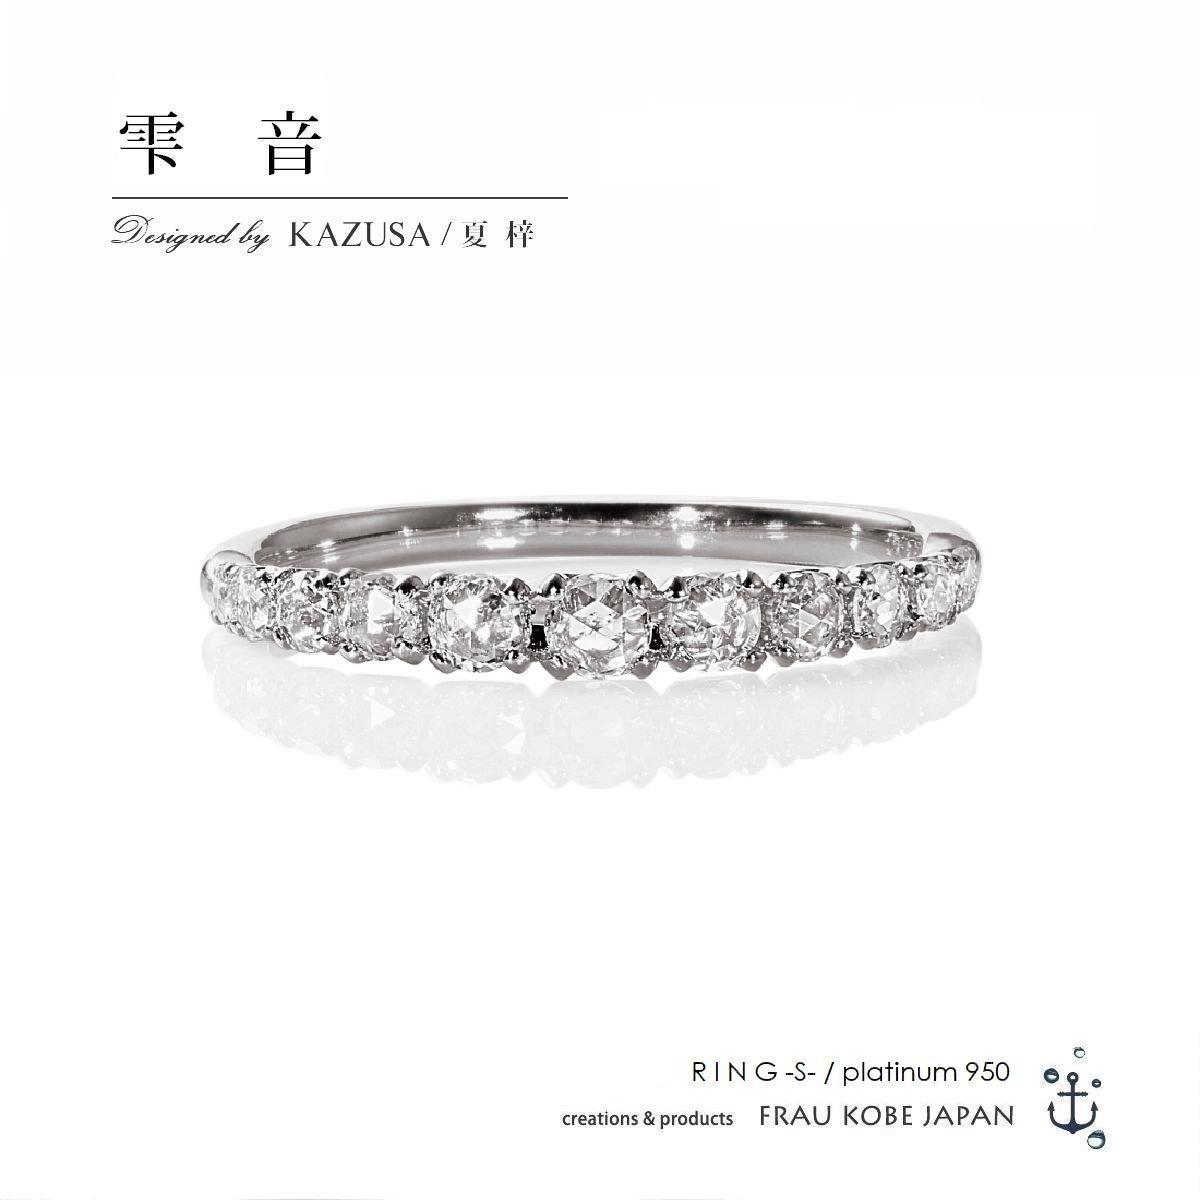 夏梓/KAZUSA 「雫音/しずね」ダイアモンドリング S